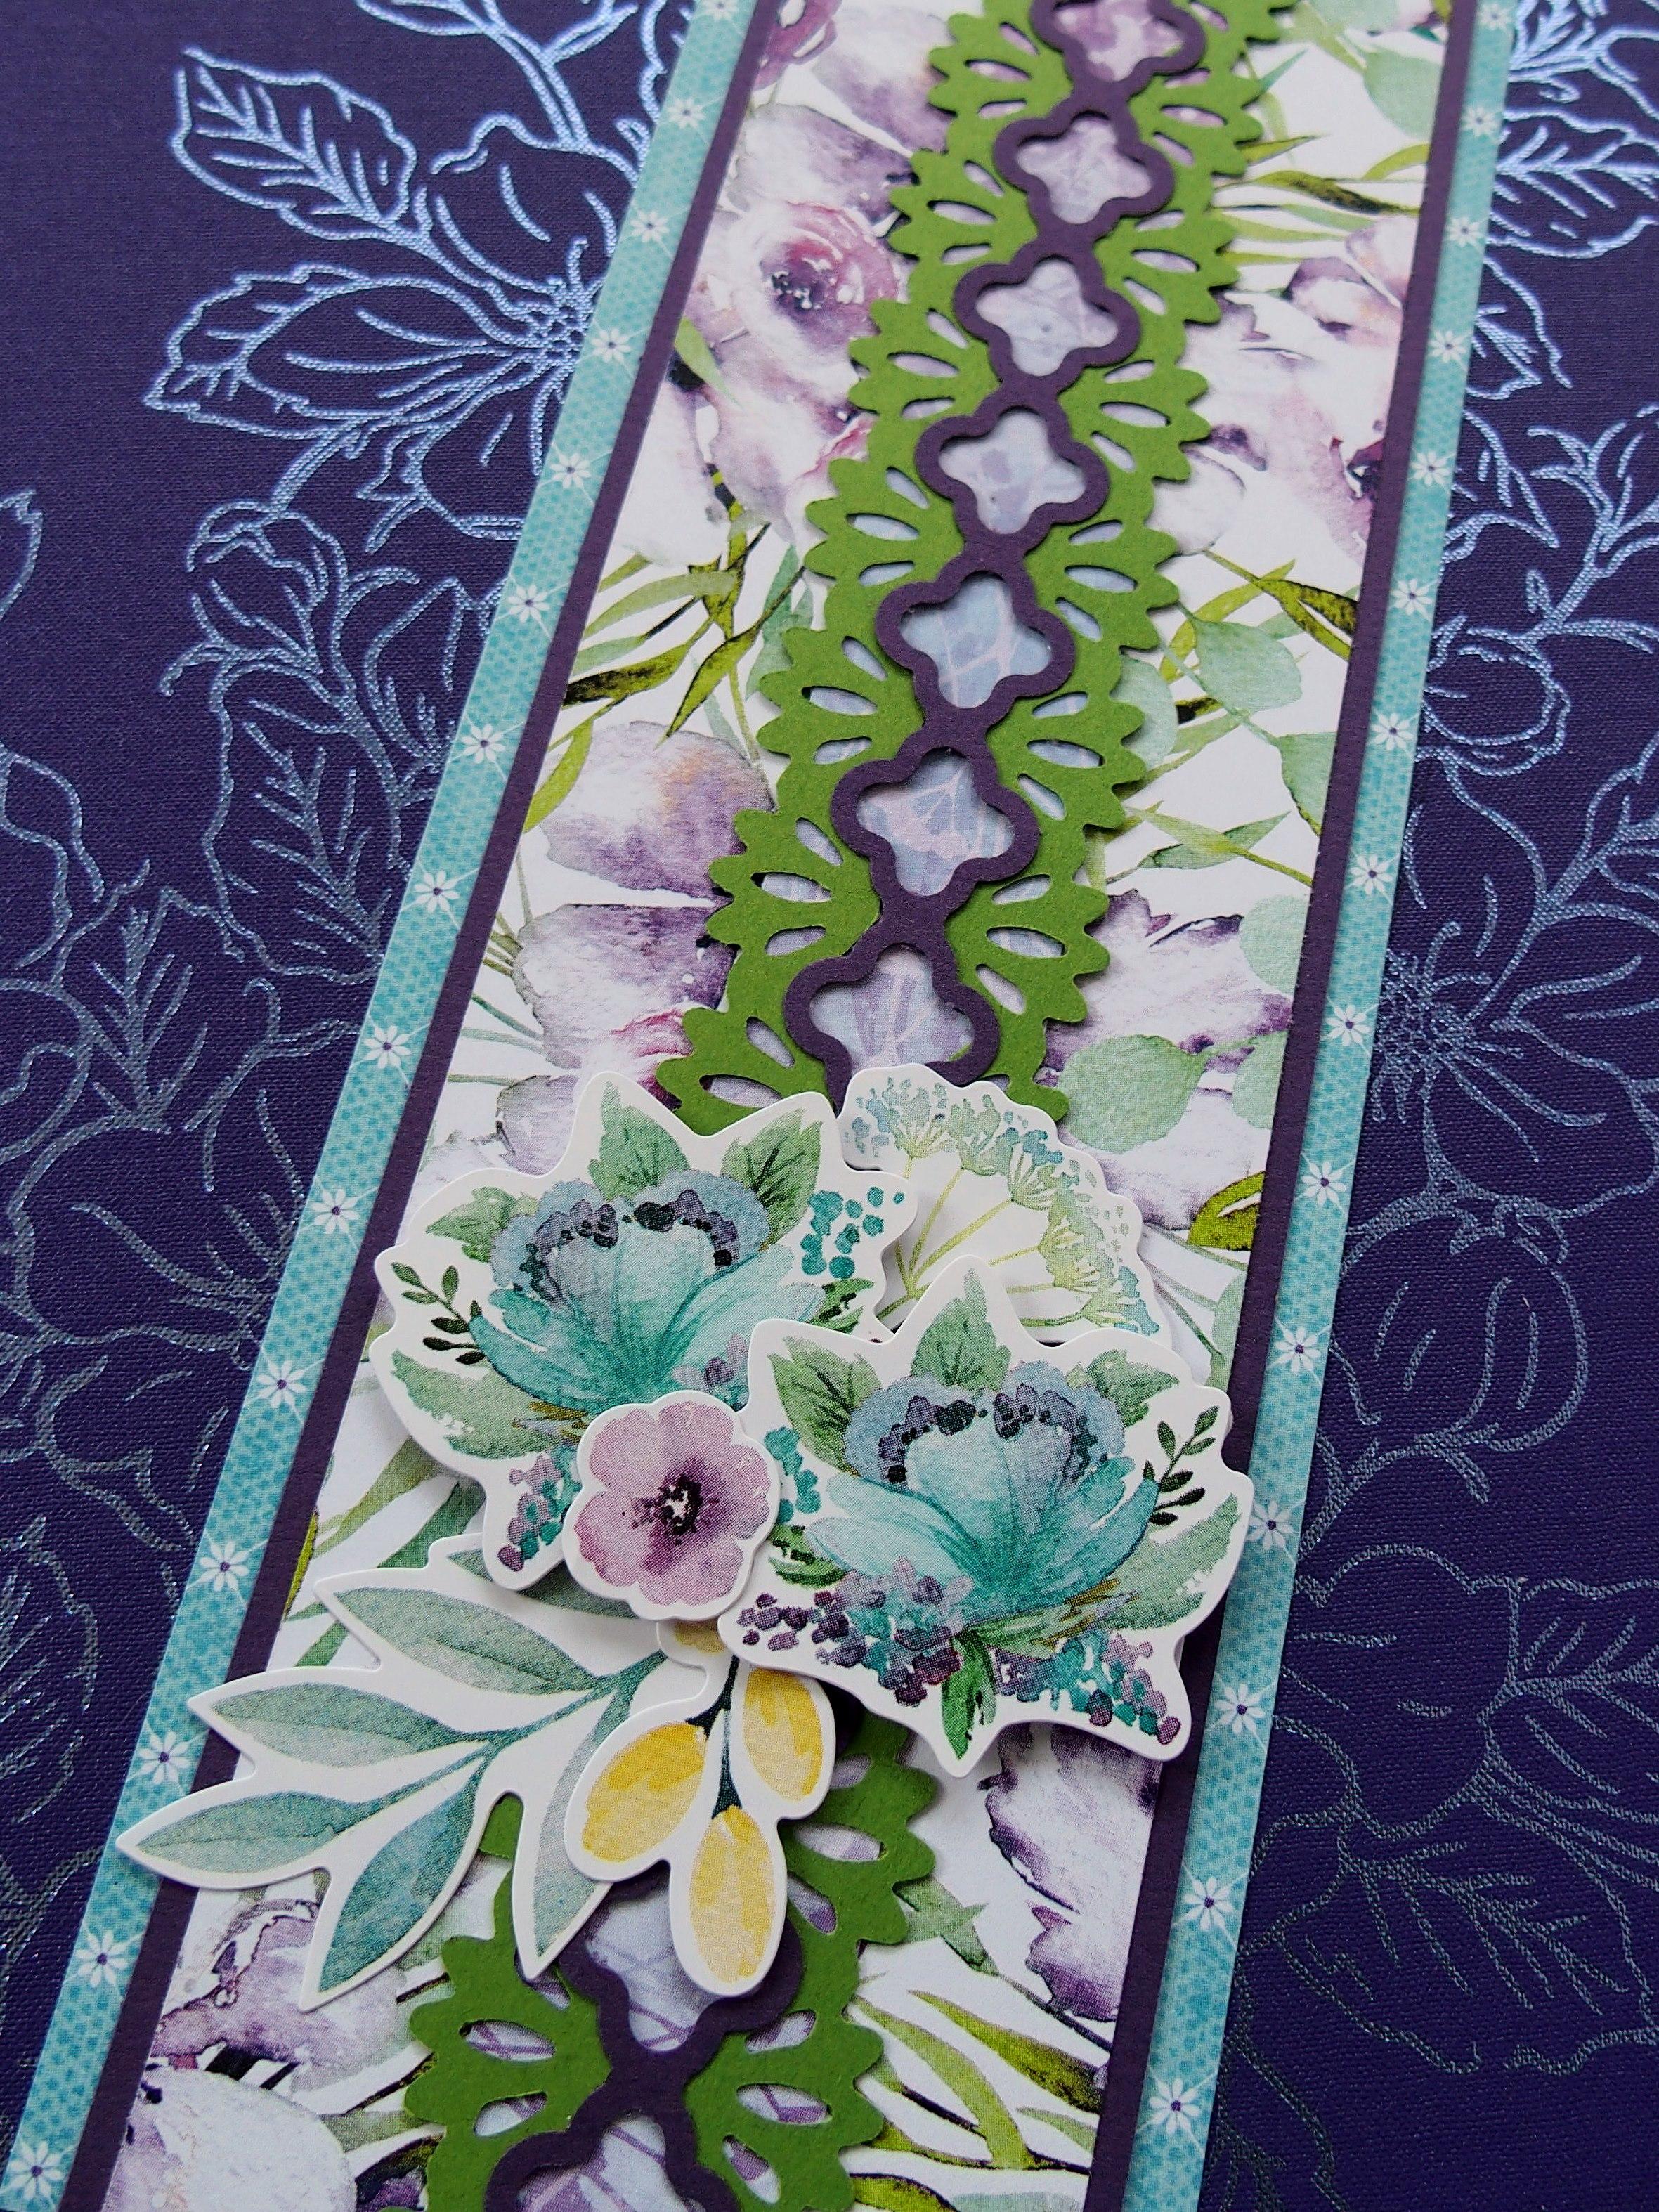 Secret-Garden-Collection-Scrapbooking-Borders-Creative-Memories-2